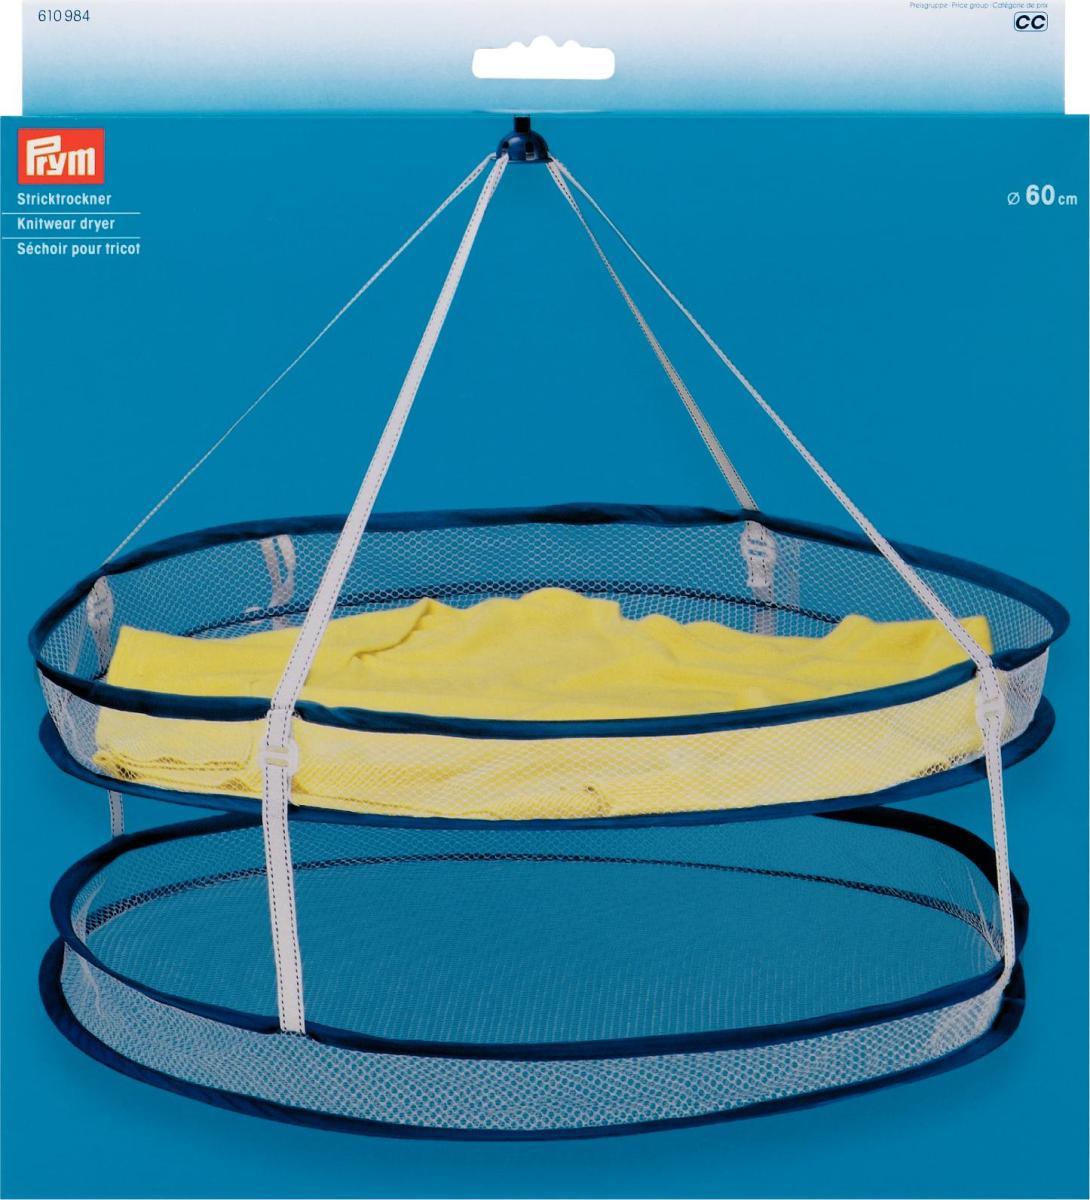 Сушилка для трикотажа Prym, подвесная, диаметр 60 смGC220/05Подвесная сушилка Prym идеально подходит для сушки трикотажа и тонкого белья на воздухе, препятствует перетяжке одежды.